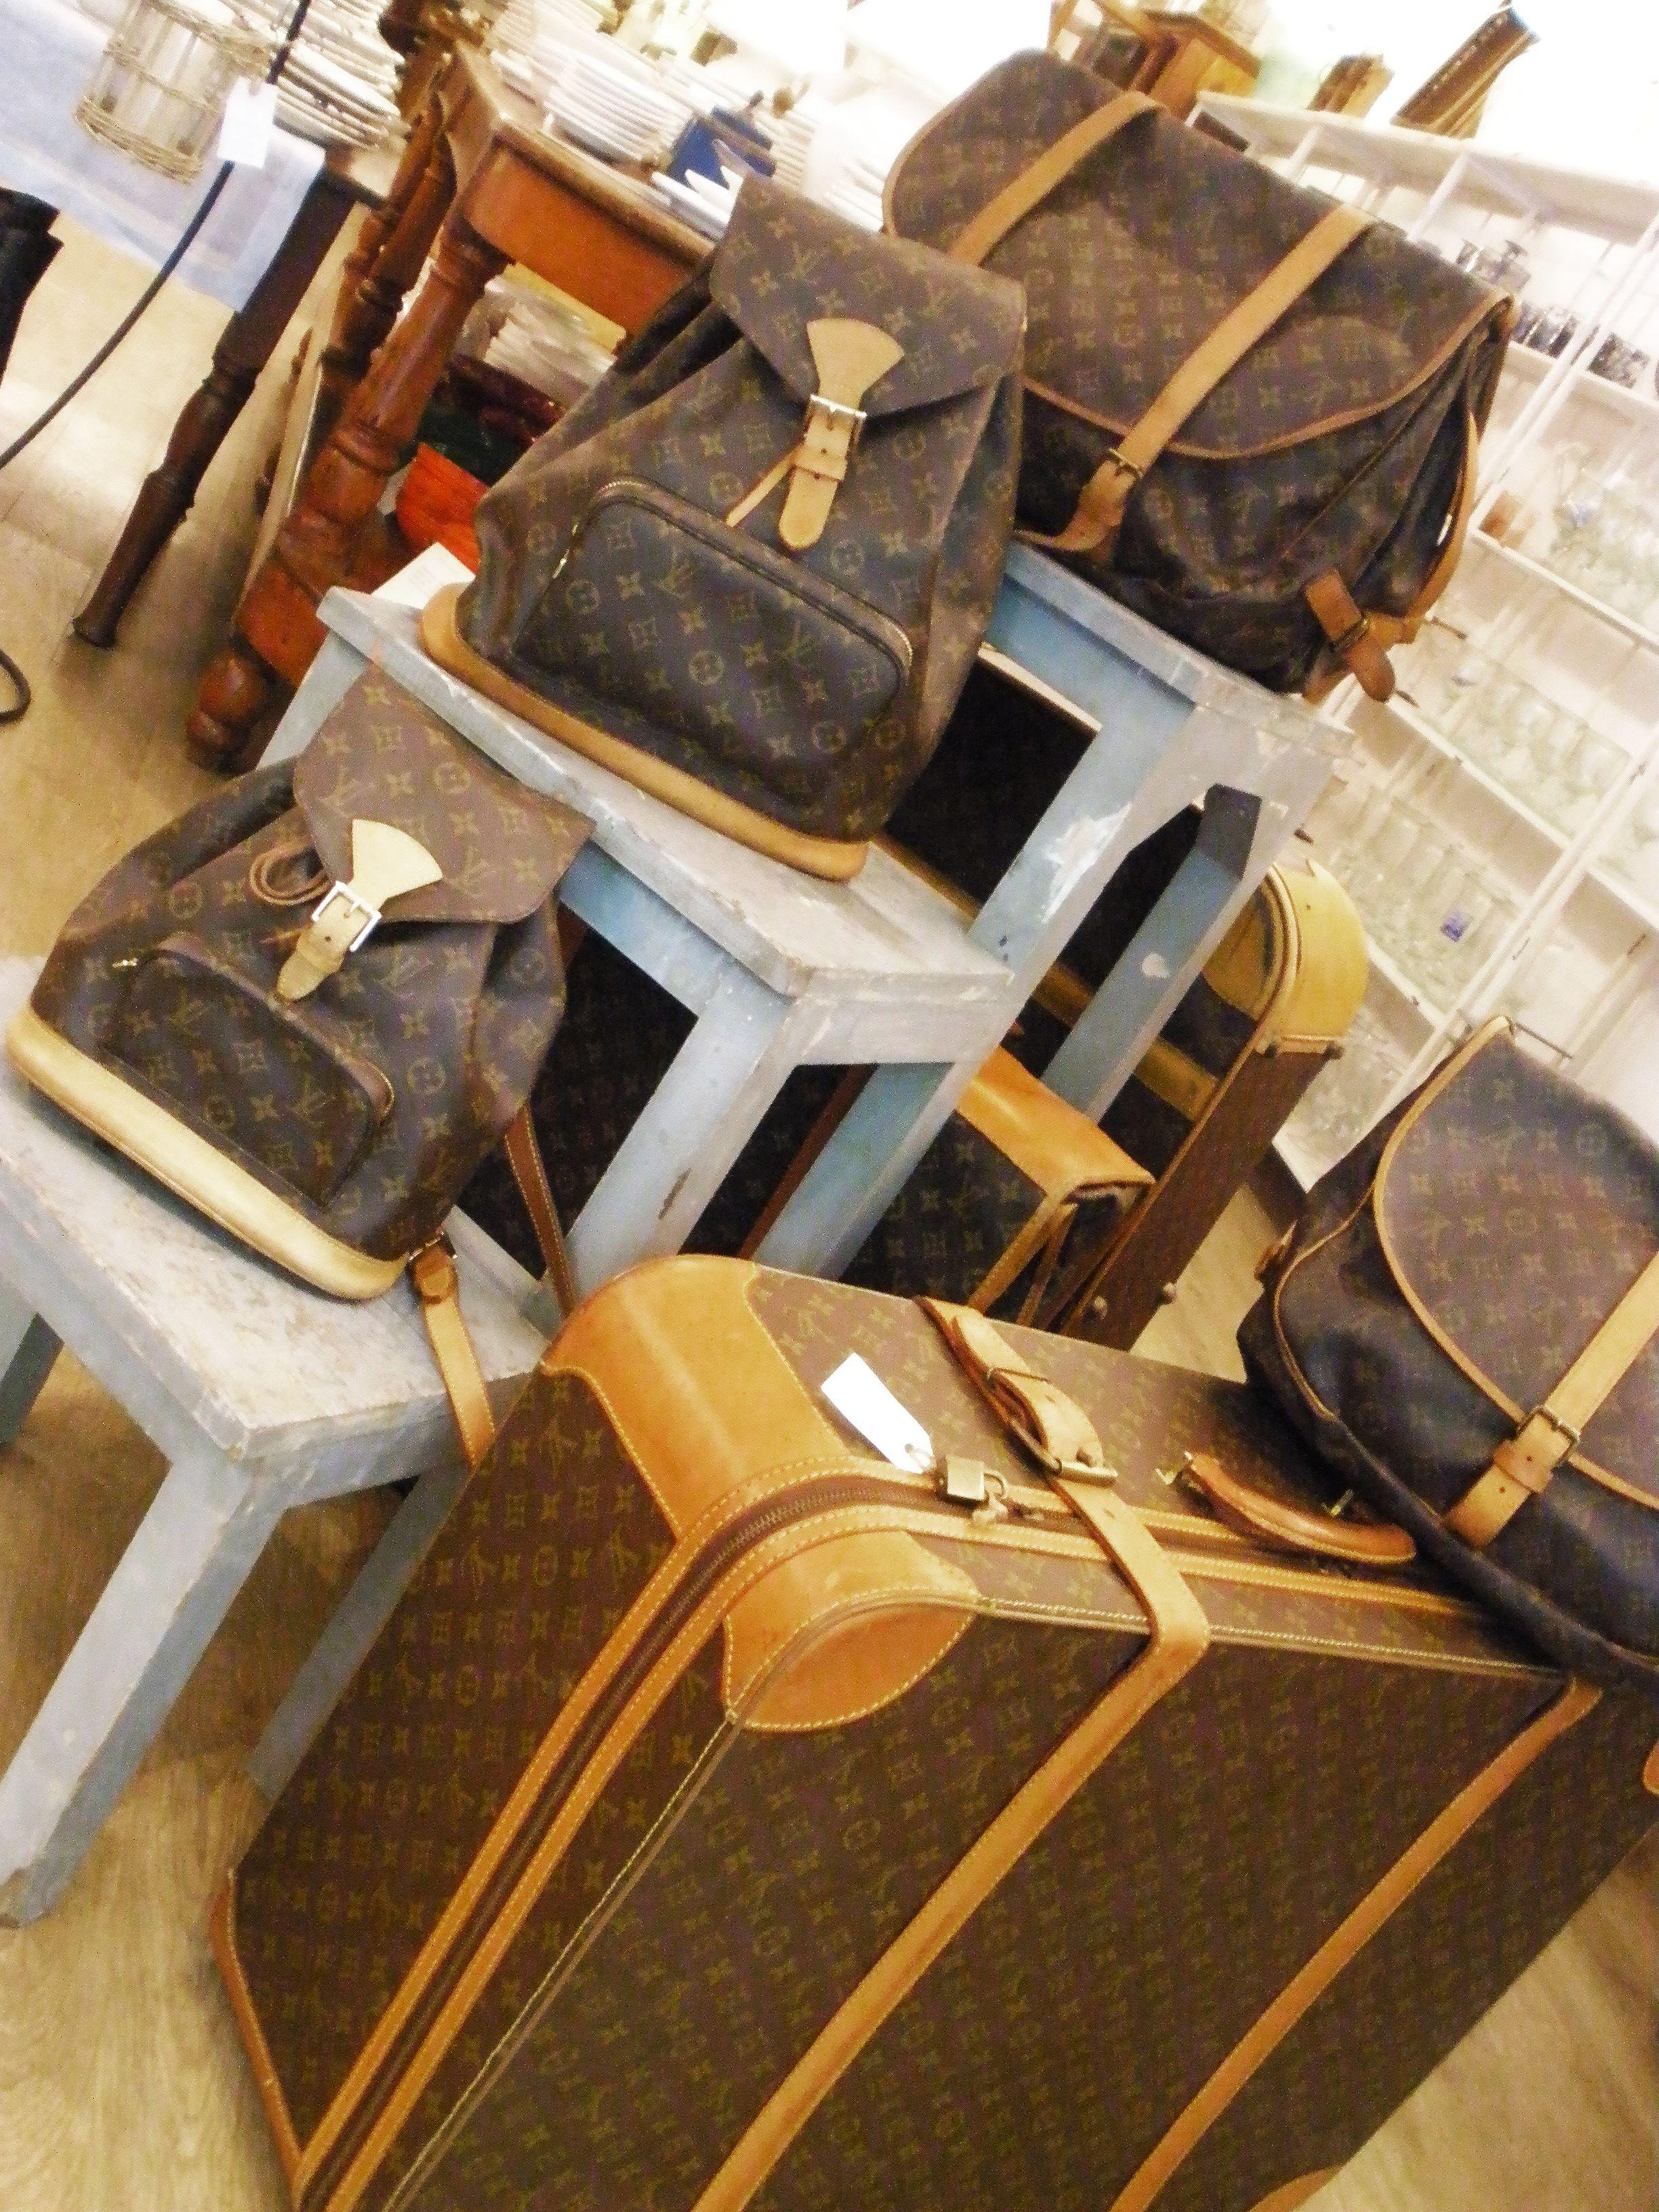 Louis Vuitton Vintage Brocante Home Decor Furniture Store In Palma De Mallorca